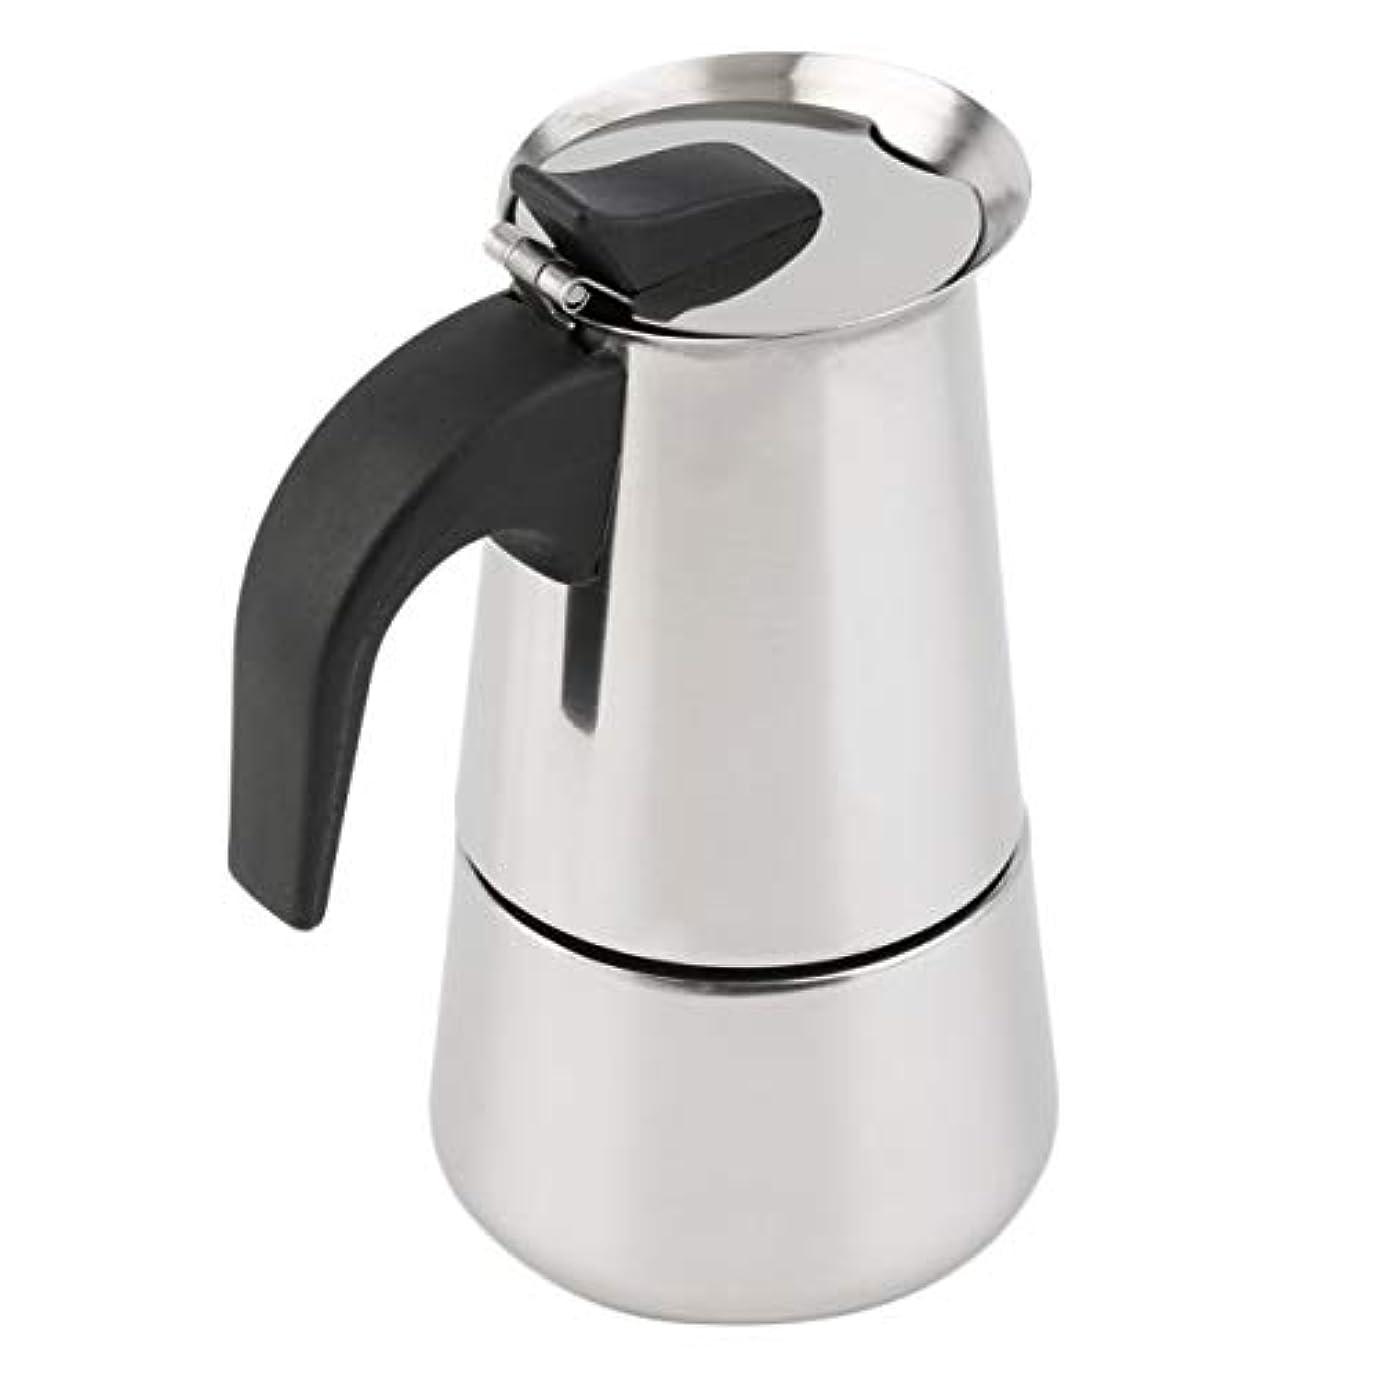 詩人悪名高いアナリストSaikogoods 2/4/6カップパーコレーターストーブトップのコーヒーメーカーモカエスプレッソラテステンレスポットホット販売 銀 6カップ